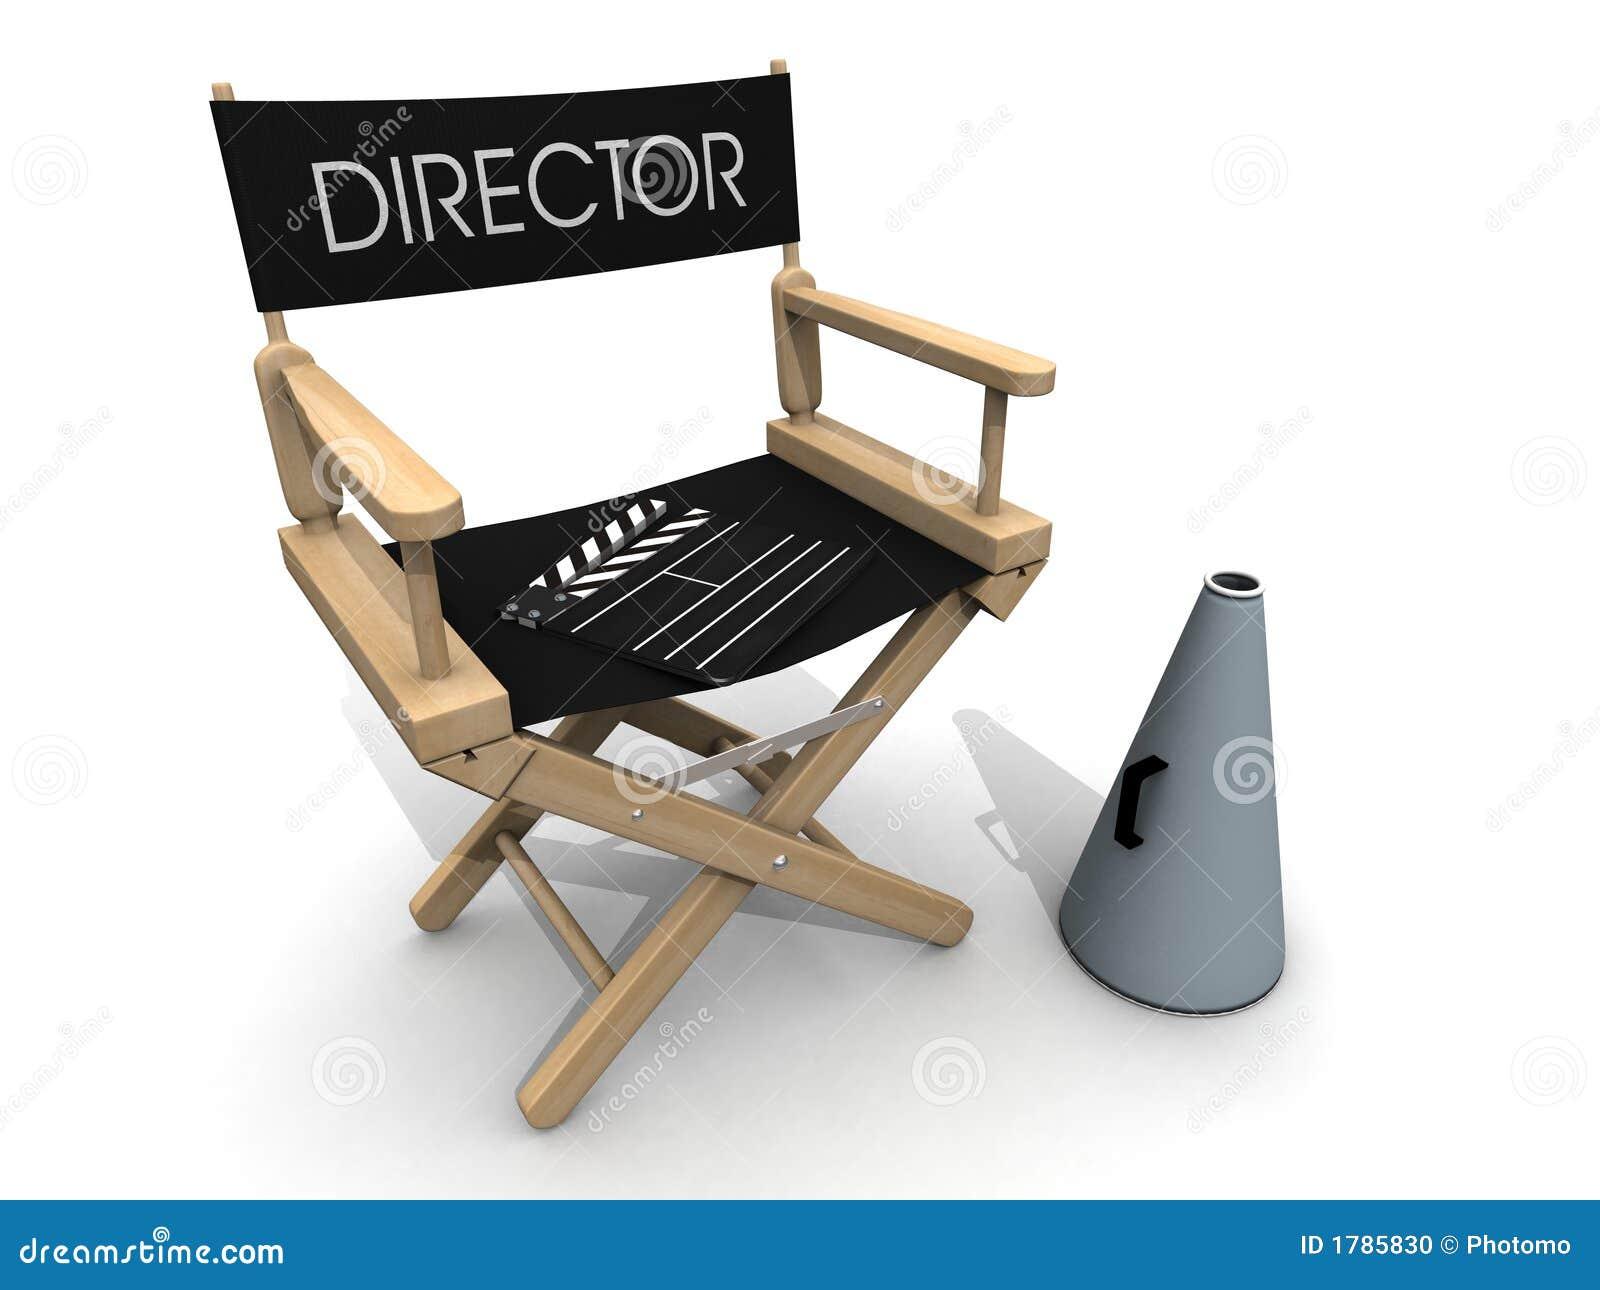 clapperboard over director chair break